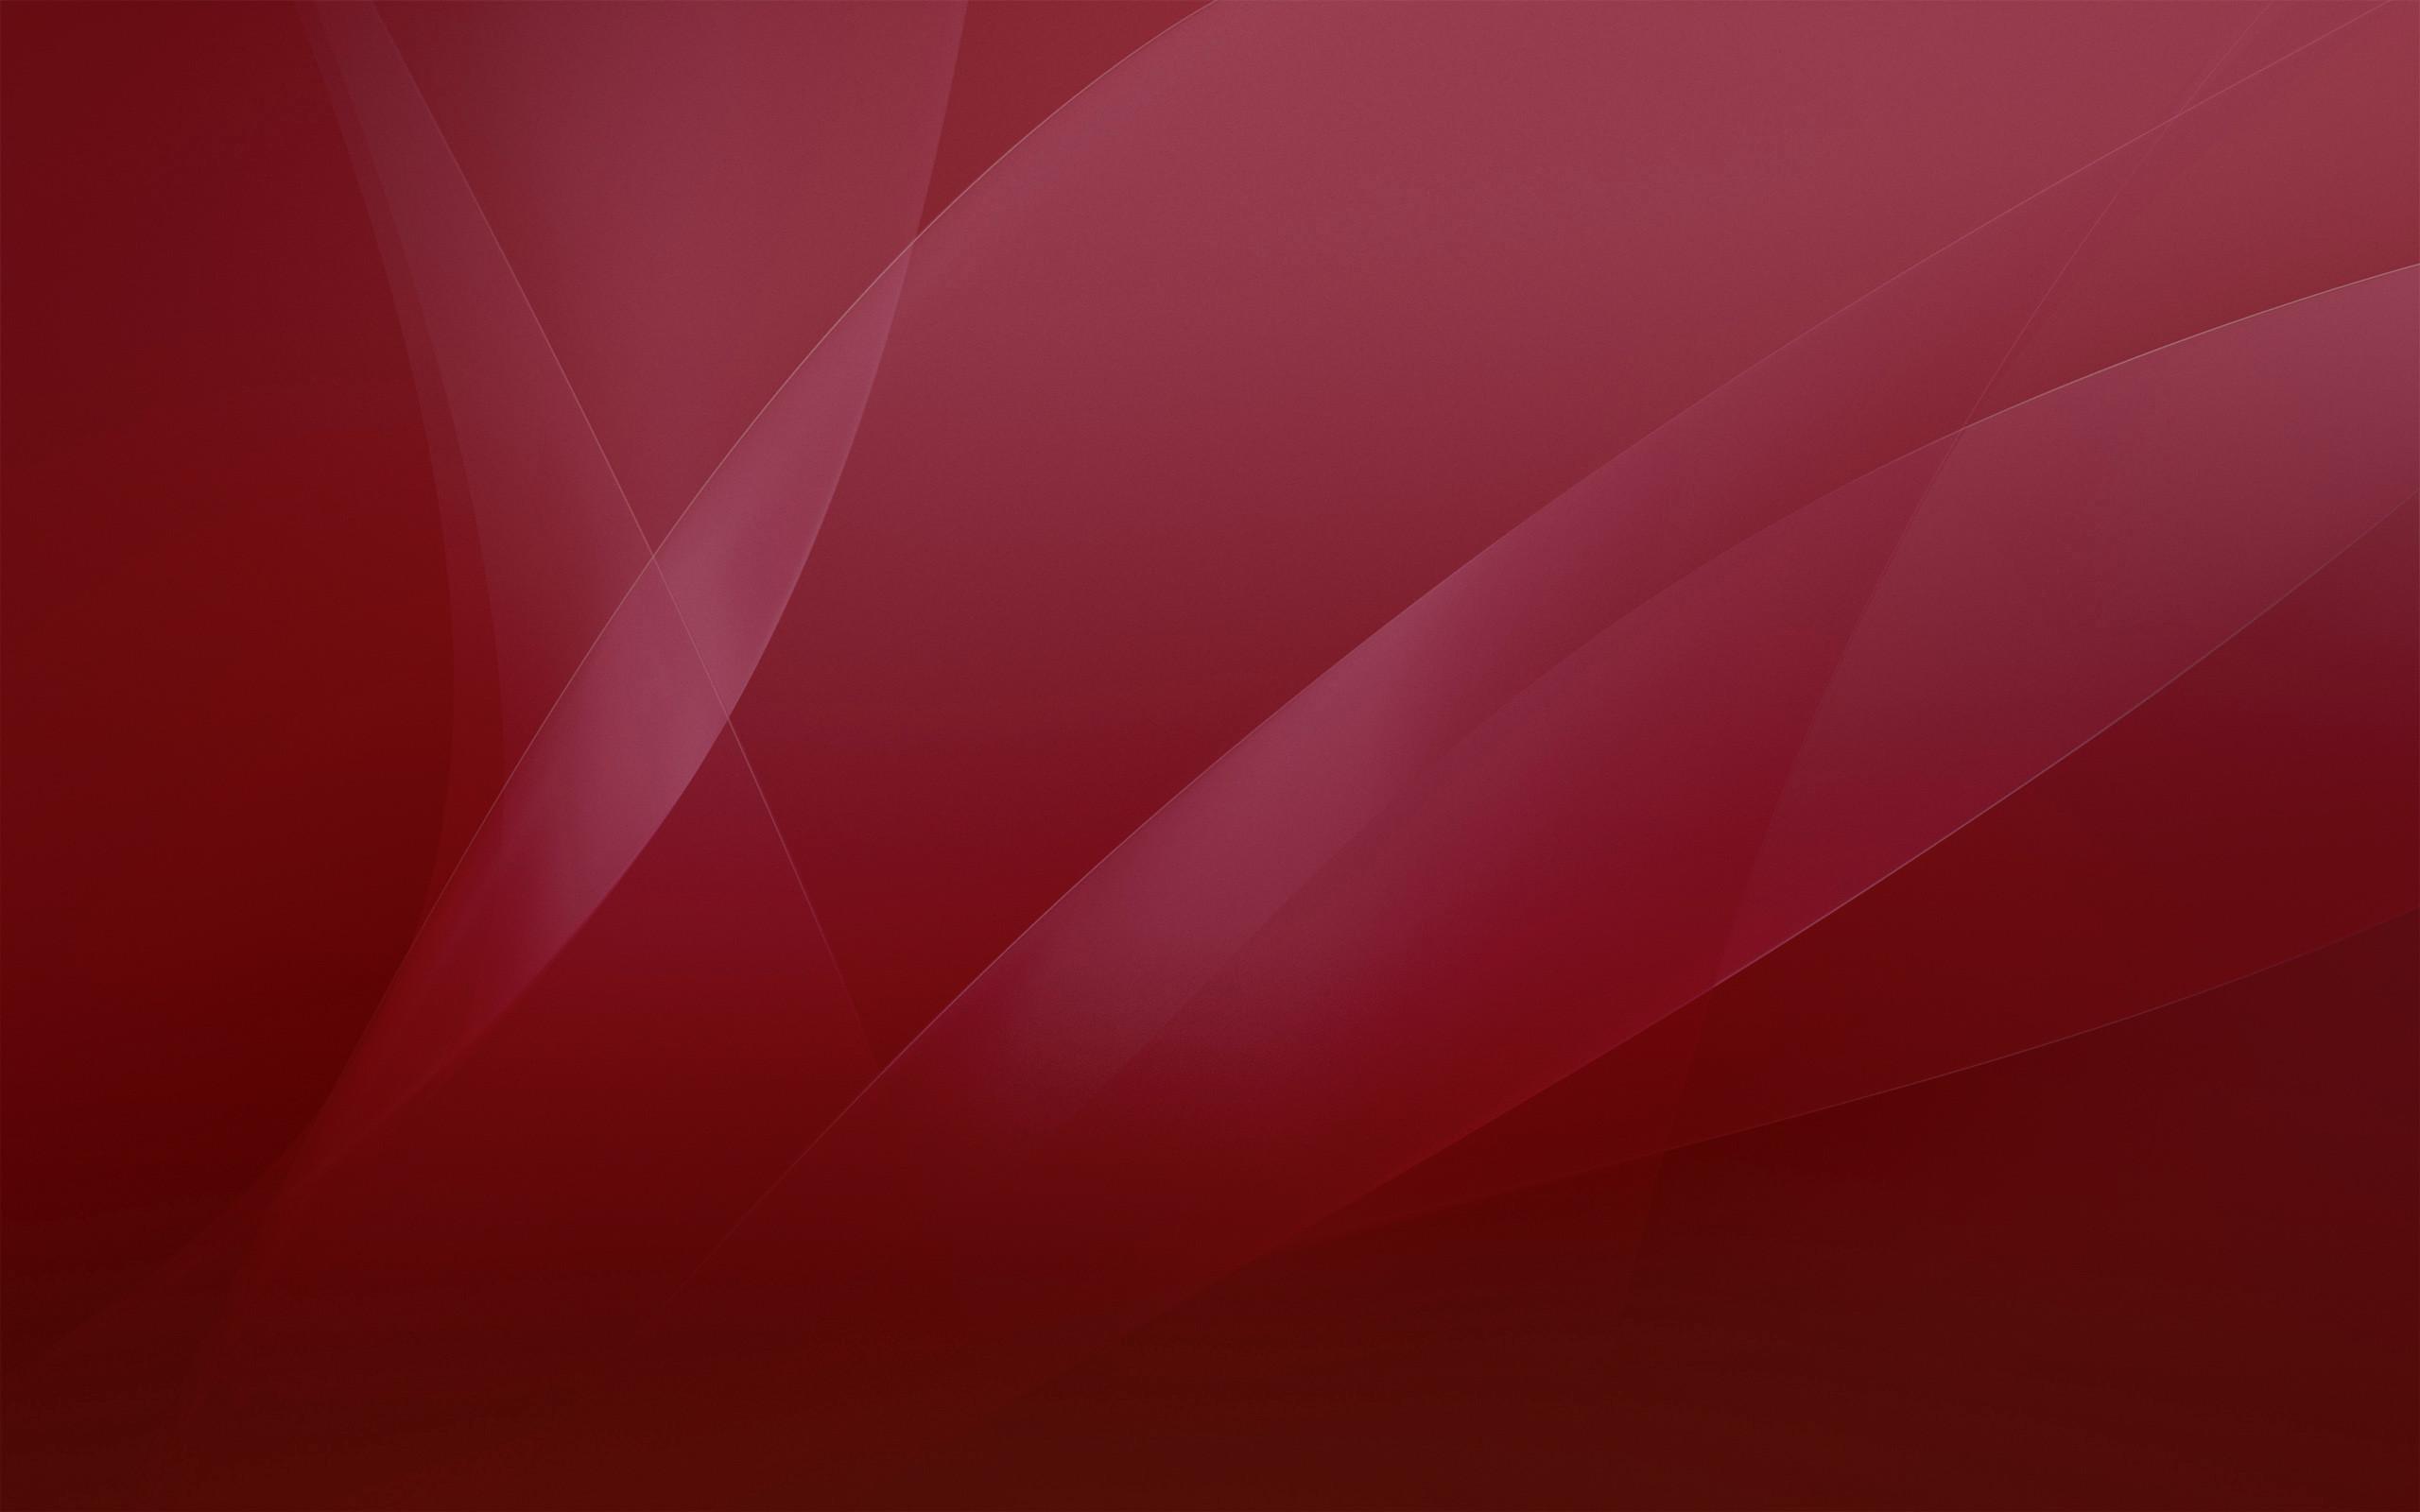 Red Wallpaper Windows 10 – WallpaperSafari